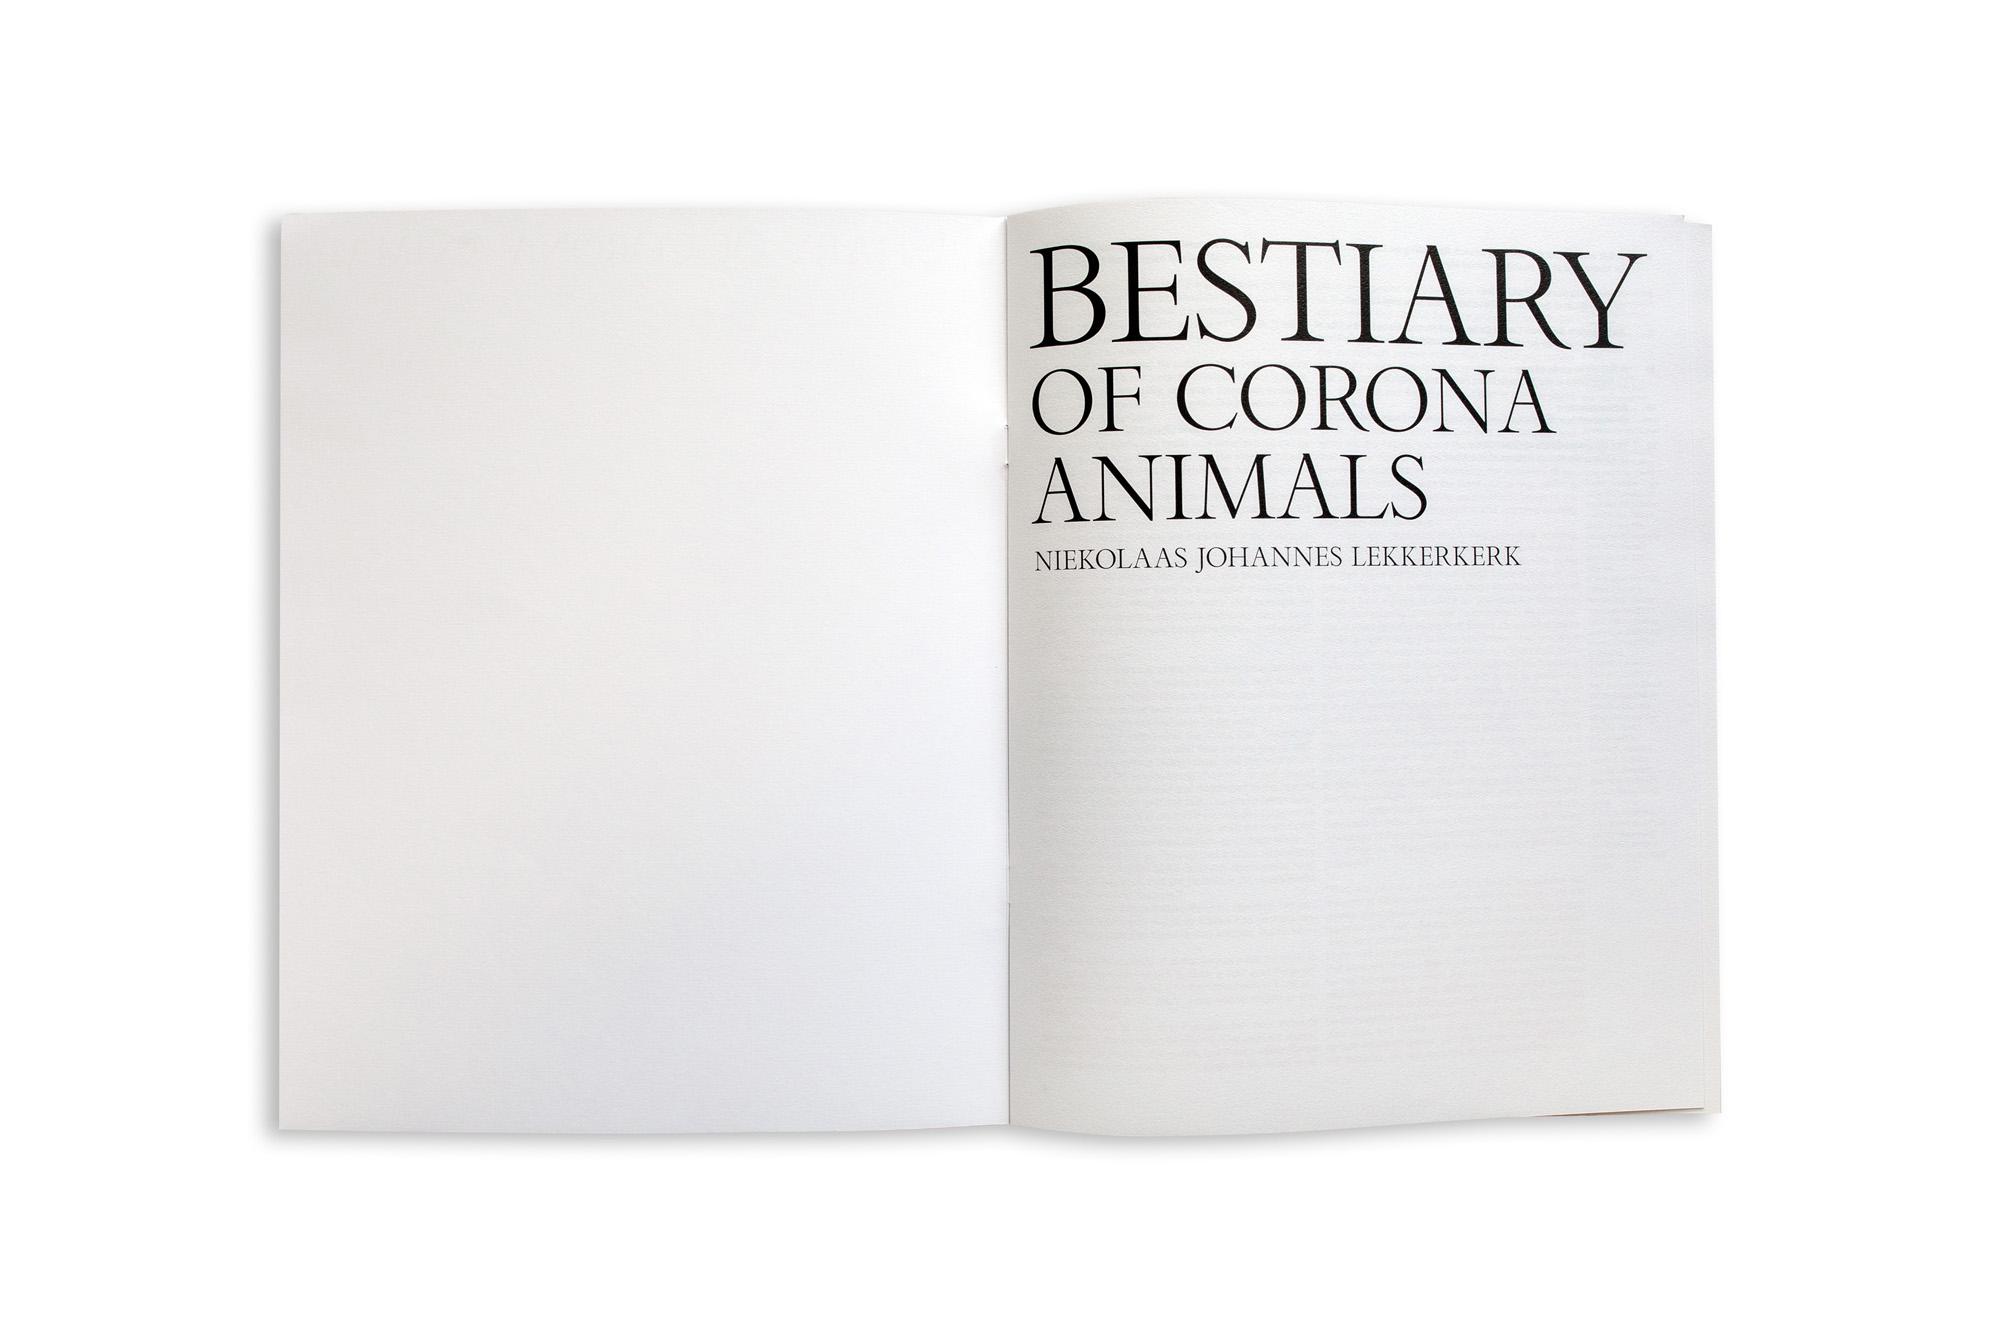 Bestiary12